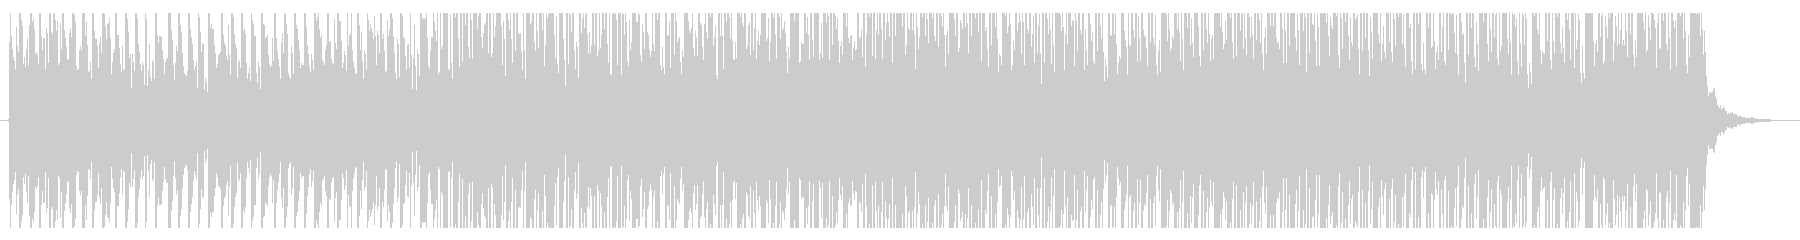 映画トレイラーの様なディストピアBGMの未再生の波形